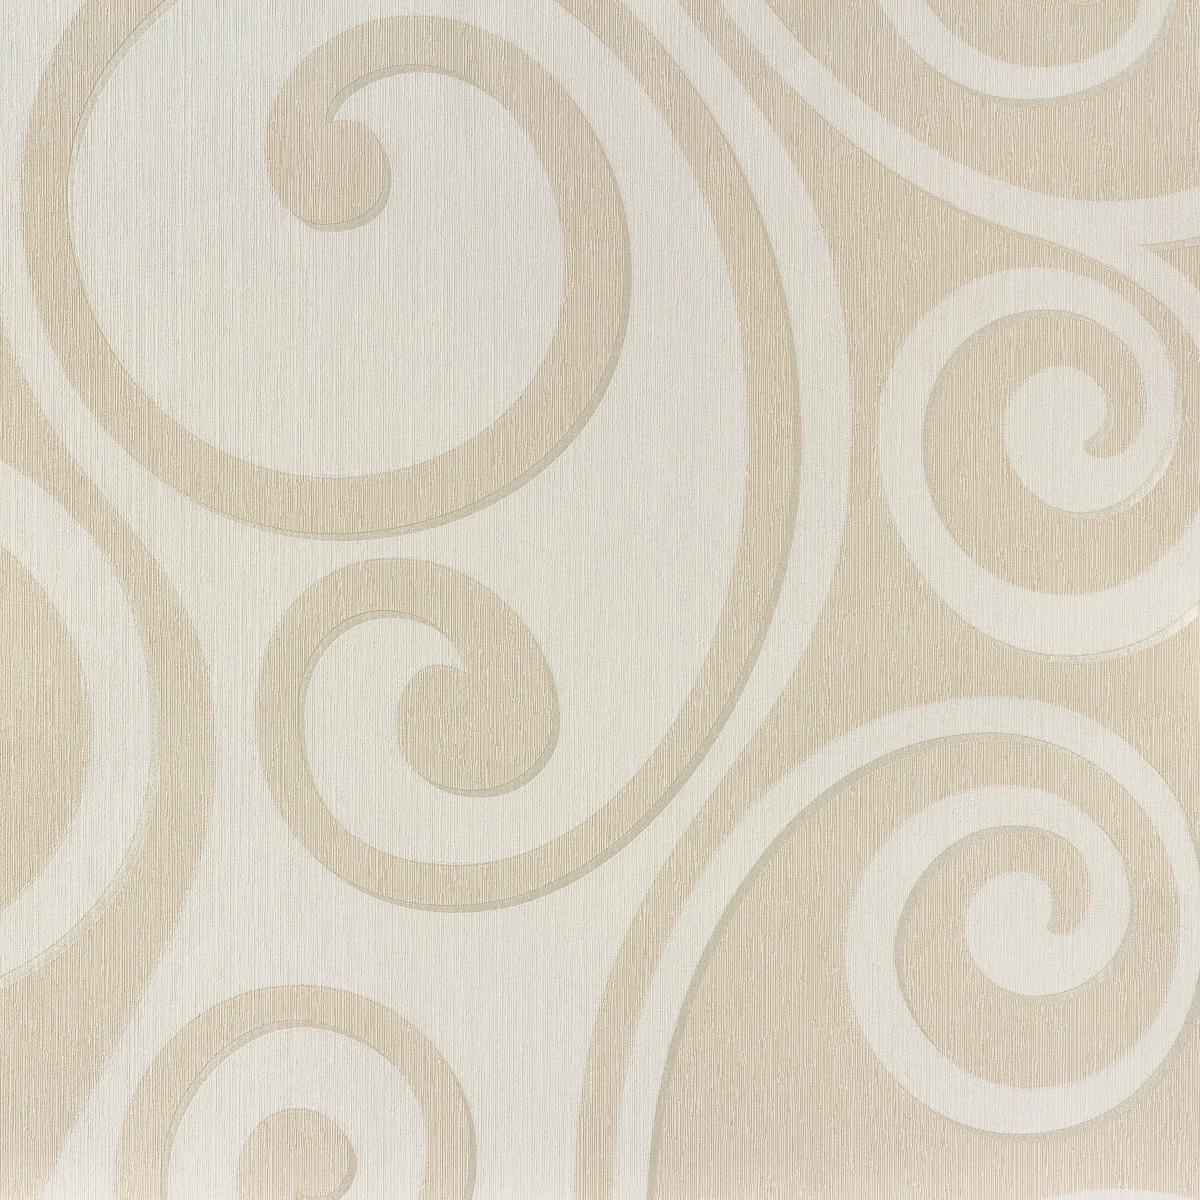 tapete marburg di moda 54246 vliestapete ranken hellbeige wei creme 4 12 1qm ebay. Black Bedroom Furniture Sets. Home Design Ideas